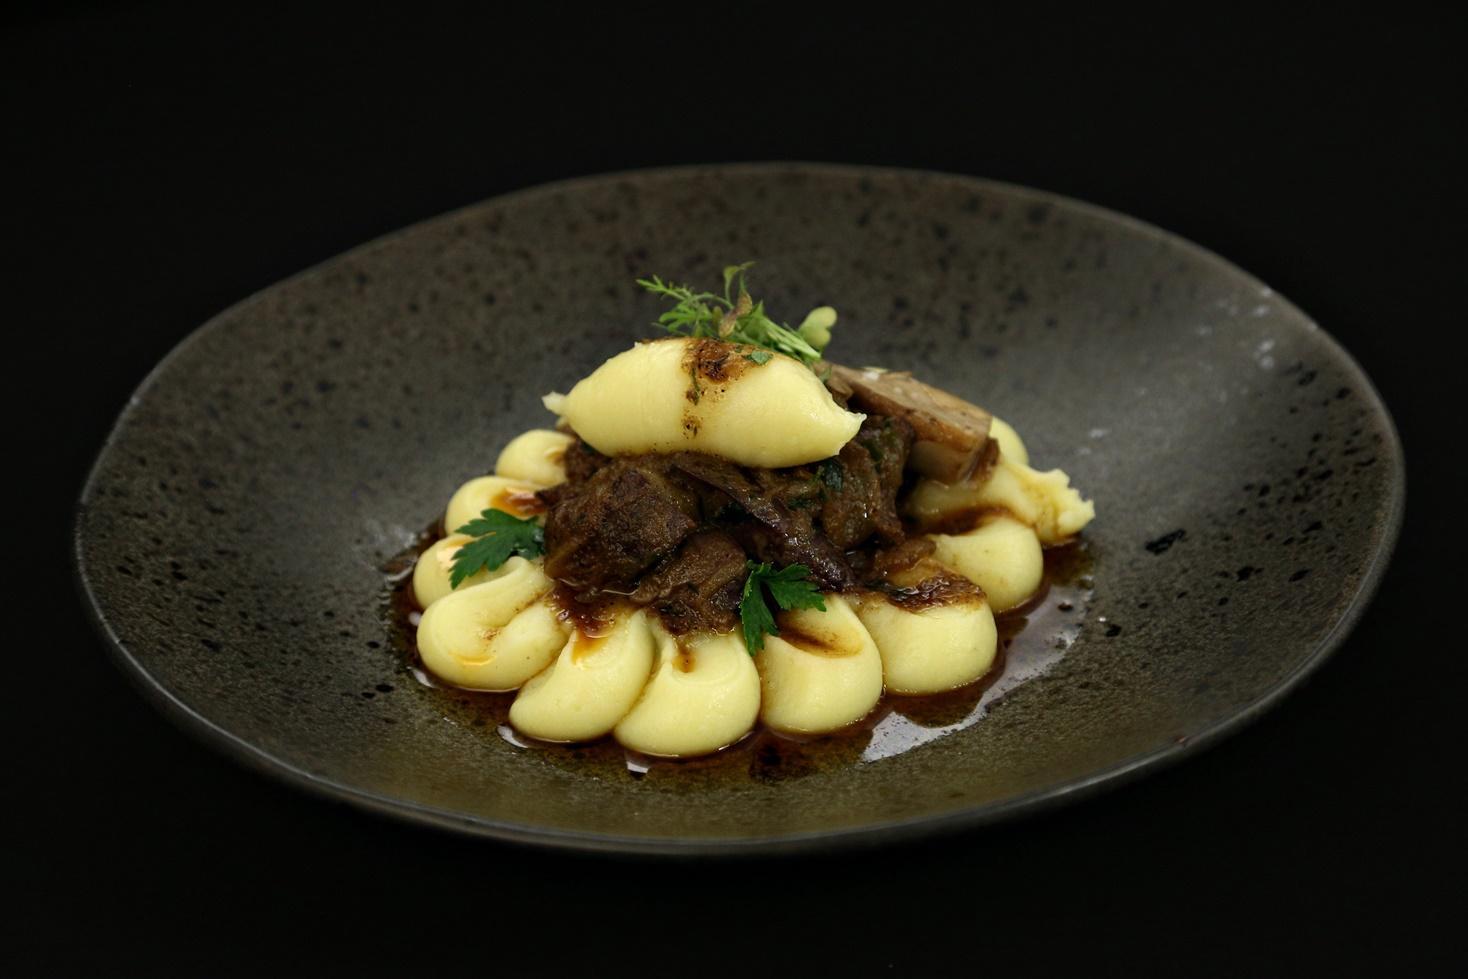 Rețetă de tocăniță de ceapă cu ficat de pui și piure de cartofi cu hribi sotați, gătită de Roxana Blenche la Chefi la cuțite